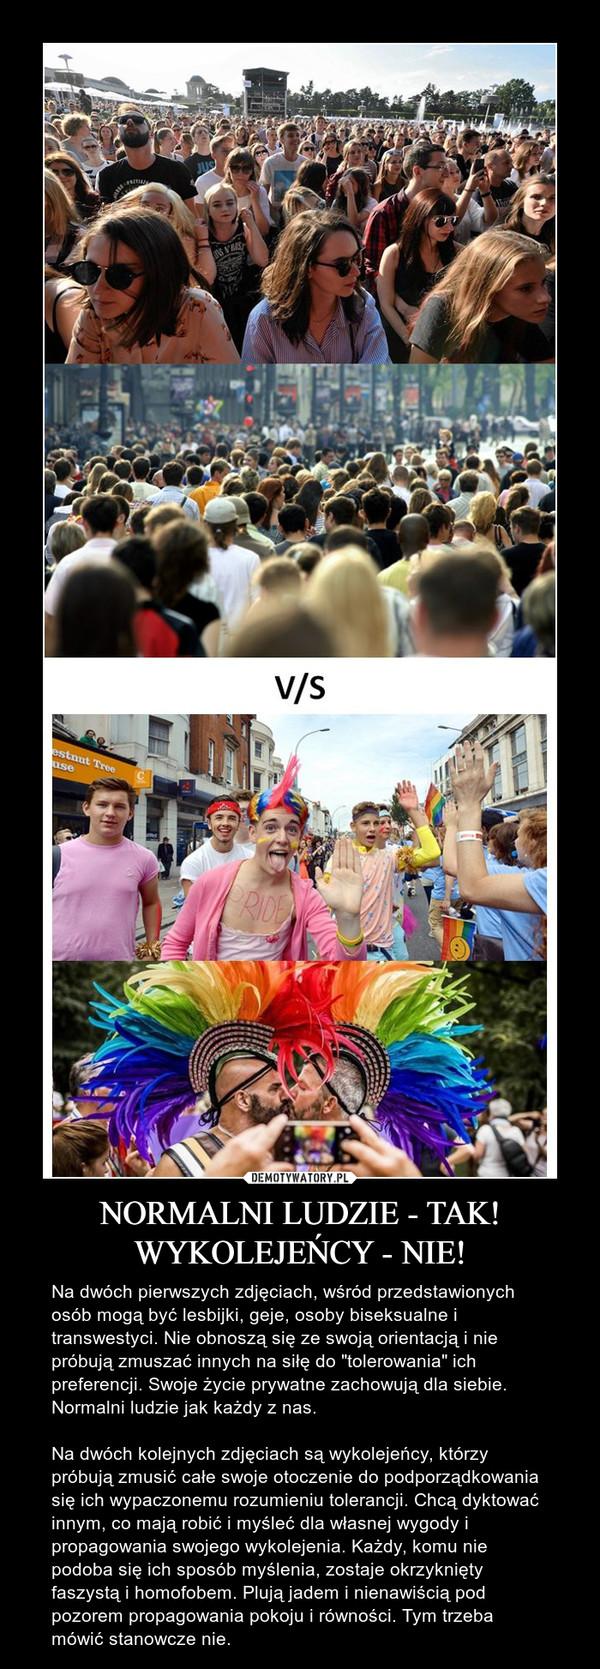 """NORMALNI LUDZIE - TAK!WYKOLEJEŃCY - NIE! – Na dwóch pierwszych zdjęciach, wśród przedstawionych osób mogą być lesbijki, geje, osoby biseksualne i transwestyci. Nie obnoszą się ze swoją orientacją i nie próbują zmuszać innych na siłę do """"tolerowania"""" ich preferencji. Swoje życie prywatne zachowują dla siebie. Normalni ludzie jak każdy z nas. Na dwóch kolejnych zdjęciach są wykolejeńcy, którzy próbują zmusić całe swoje otoczenie do podporządkowania się ich wypaczonemu rozumieniu tolerancji. Chcą dyktować innym, co mają robić i myśleć dla własnej wygody i propagowania swojego wykolejenia. Każdy, komu nie podoba się ich sposób myślenia, zostaje okrzyknięty faszystą i homofobem. Plują jadem i nienawiścią pod pozorem propagowania pokoju i równości. Tym trzeba mówić stanowcze nie."""